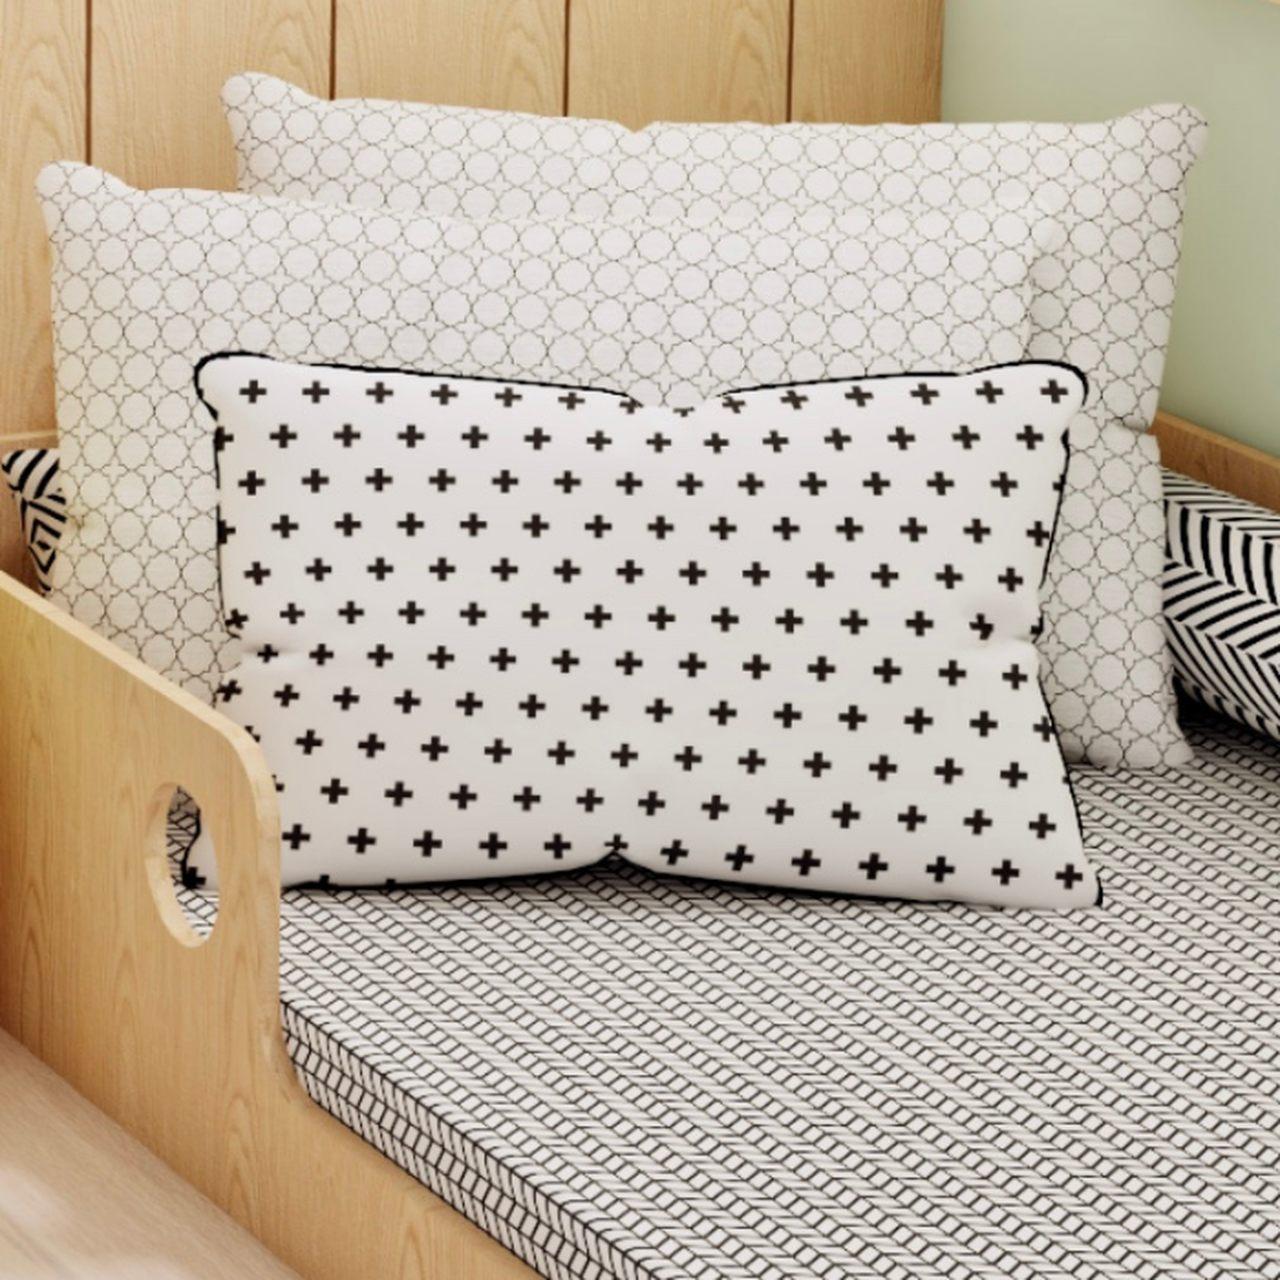 Jogo de lençol mini cama 100% algodão Trama Monochrome